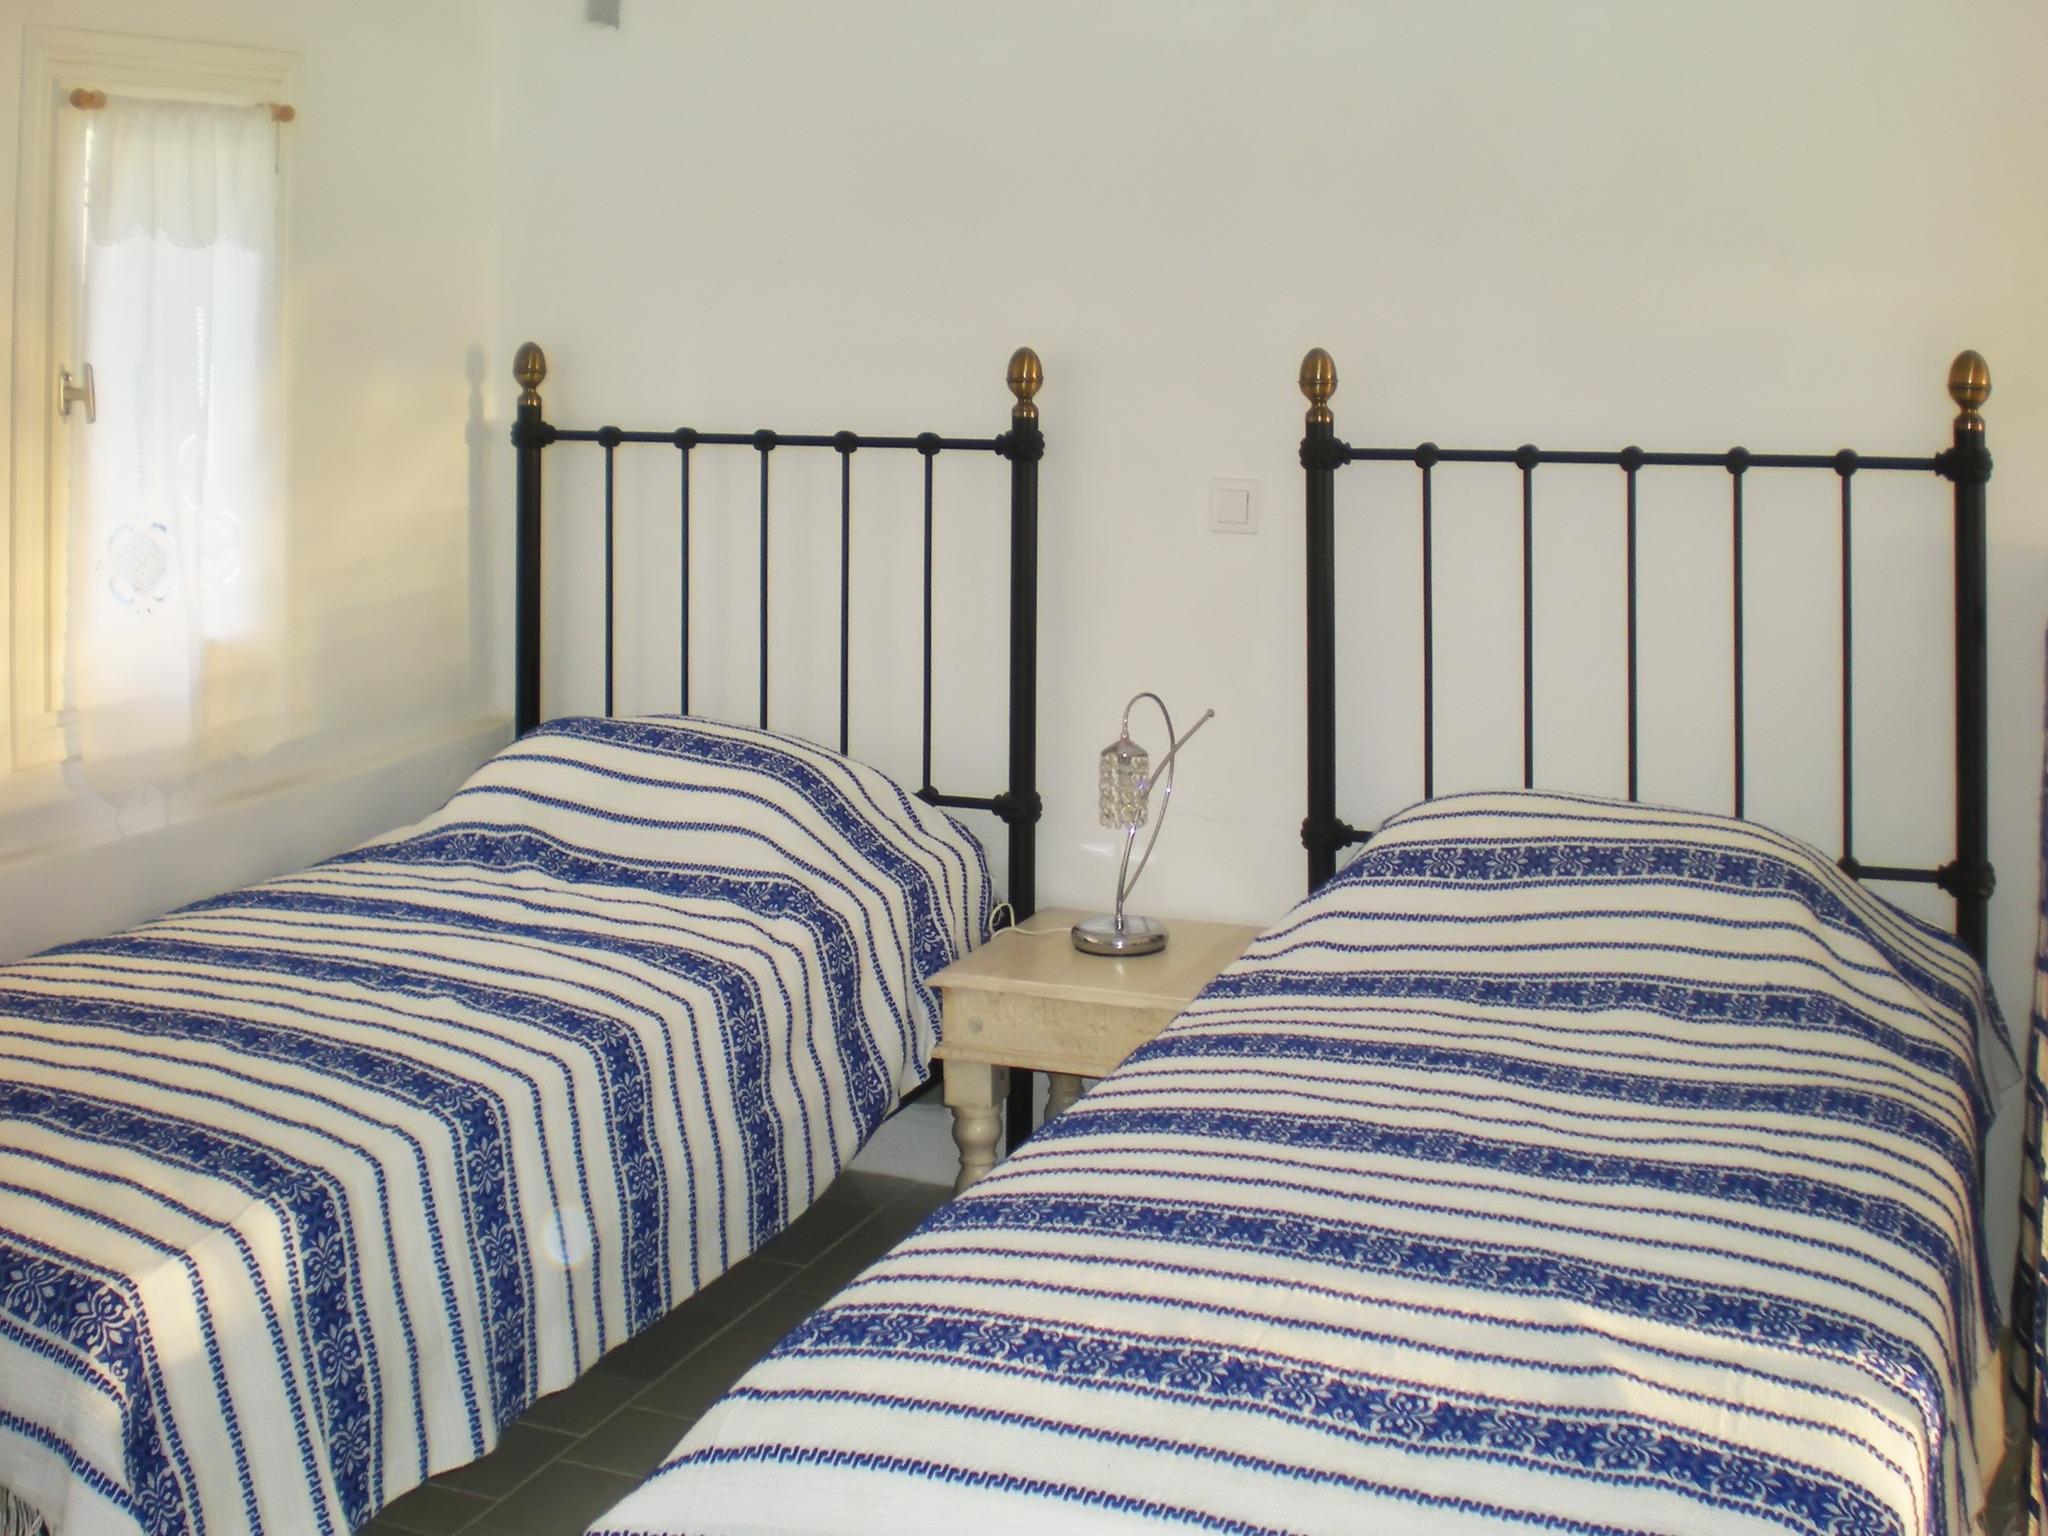 Ferienhaus Villa im Kykladen-Stil auf Paros (Griechenland), mit 2 Schlafzimmern, Gemeinschaftspool &  (2201782), Paros, Paros, Kykladen, Griechenland, Bild 10